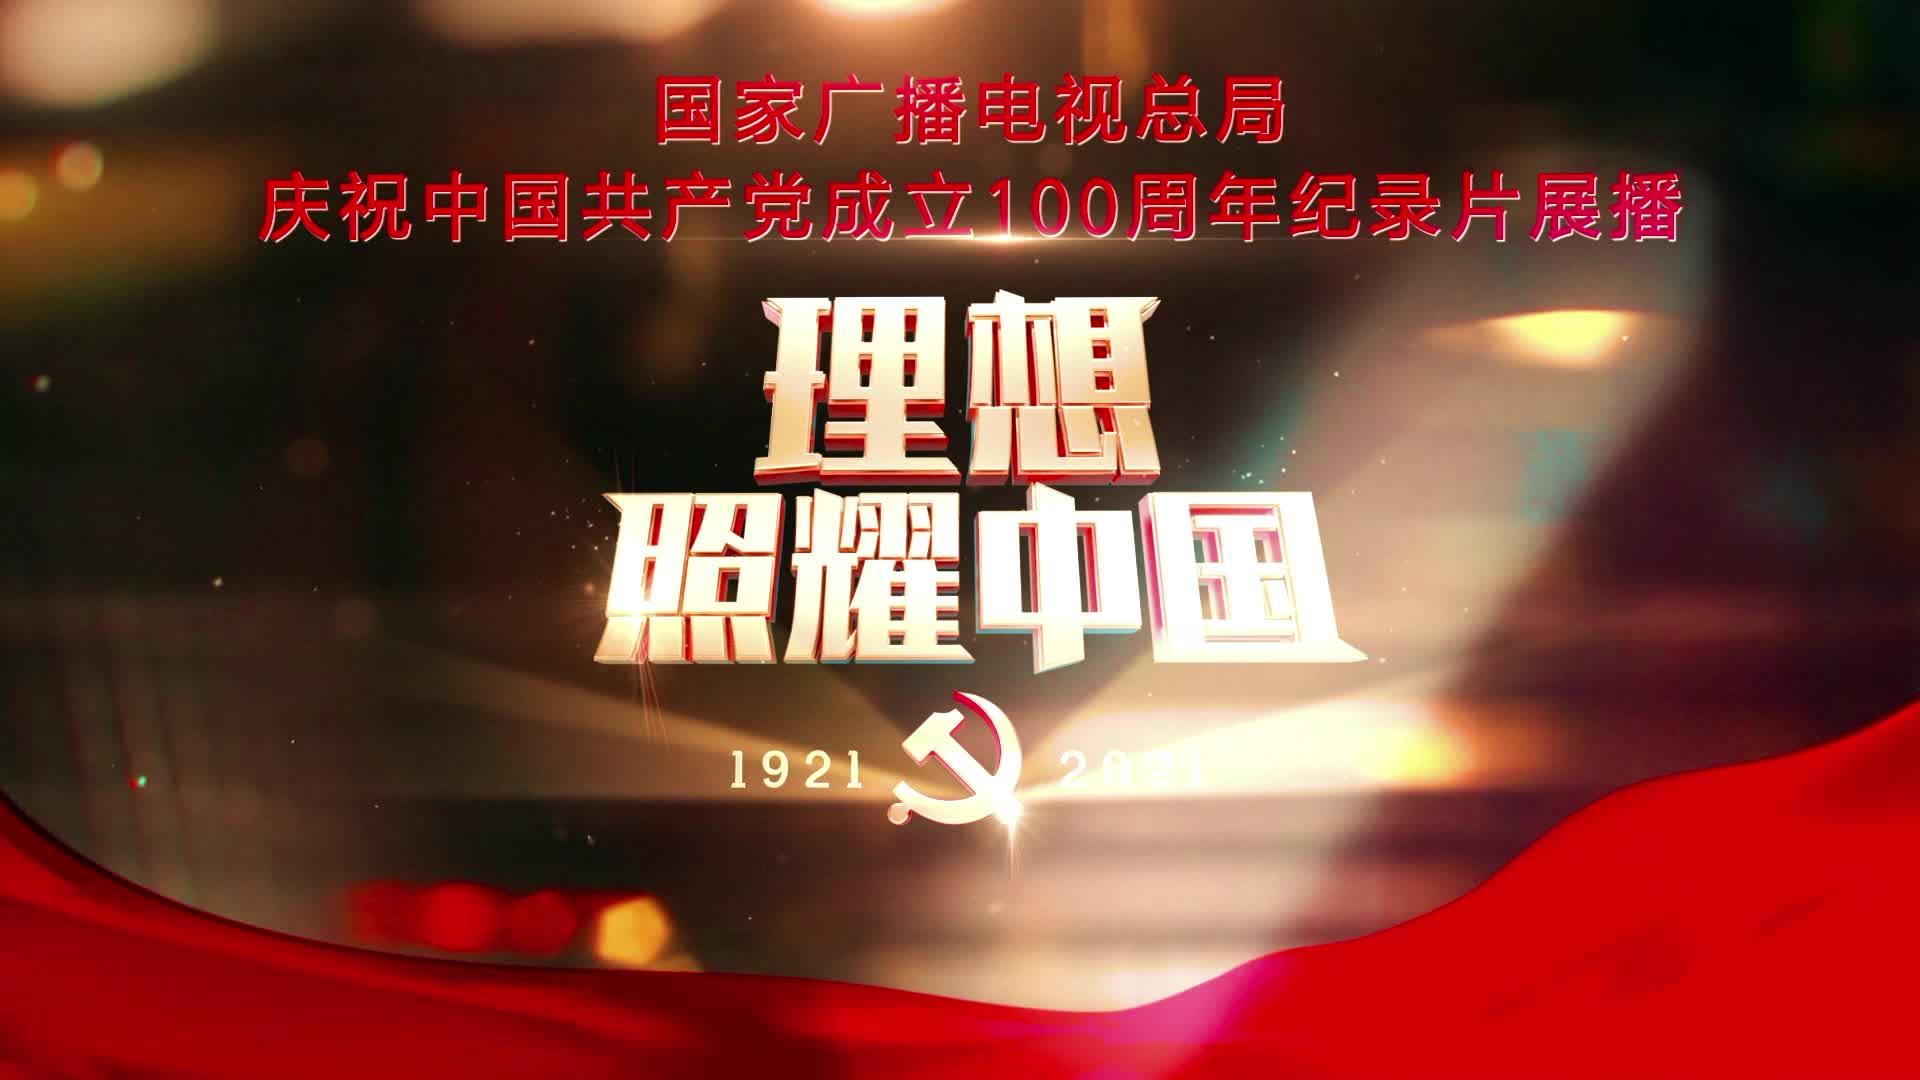 百炼成钢 第6集:劳工万岁